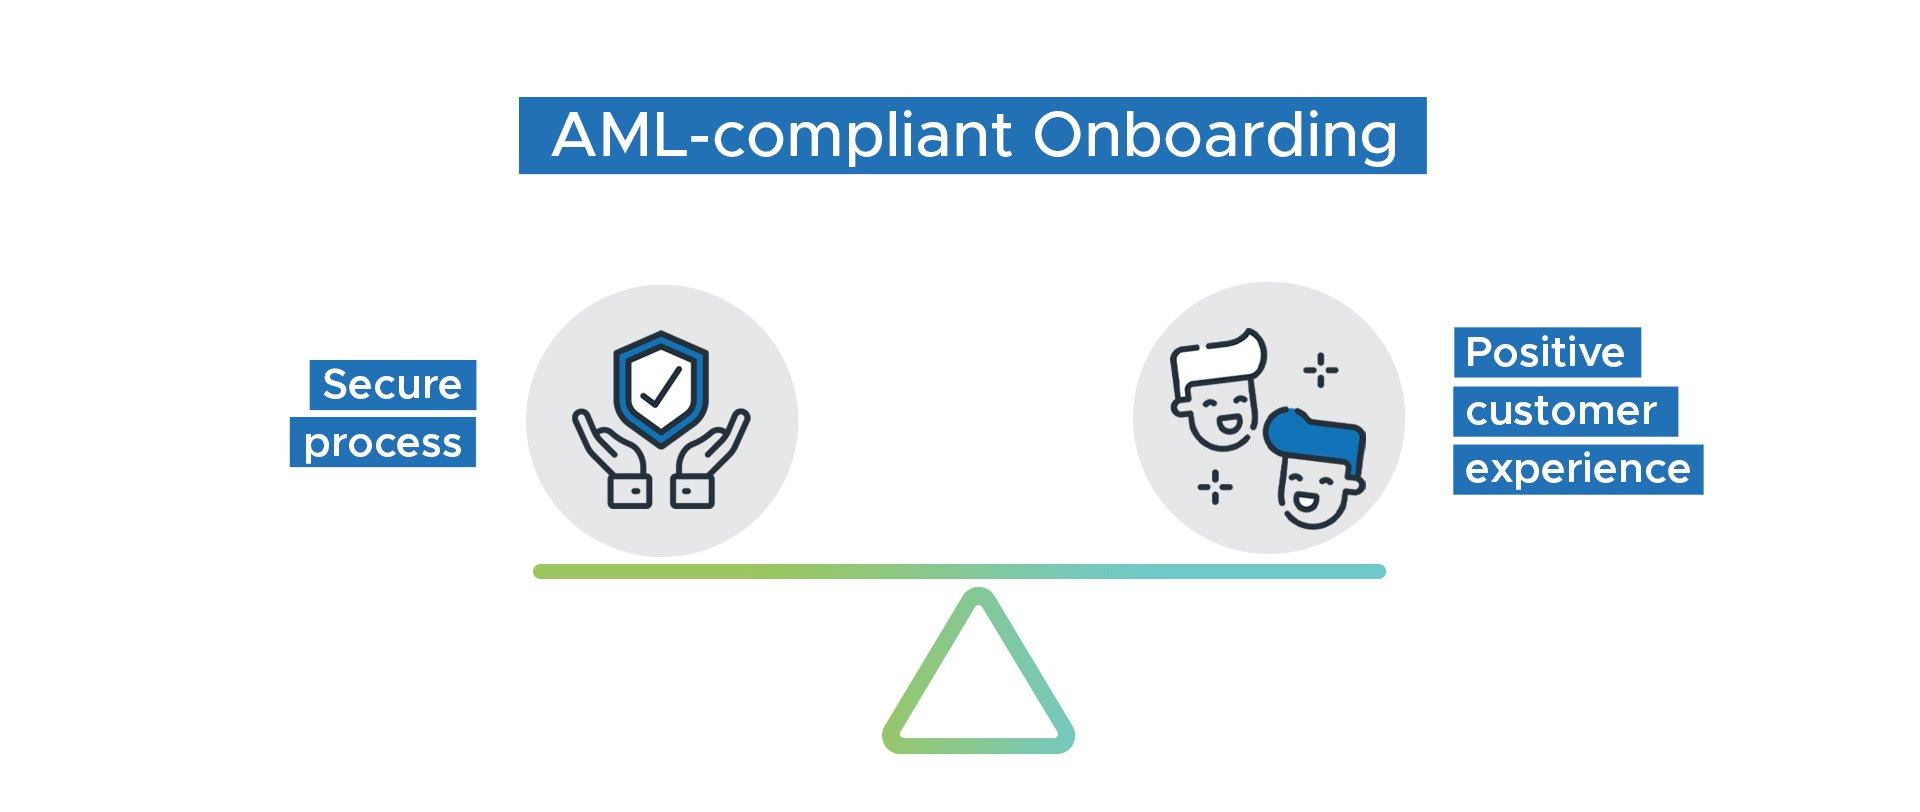 AML-compliant Onboarding